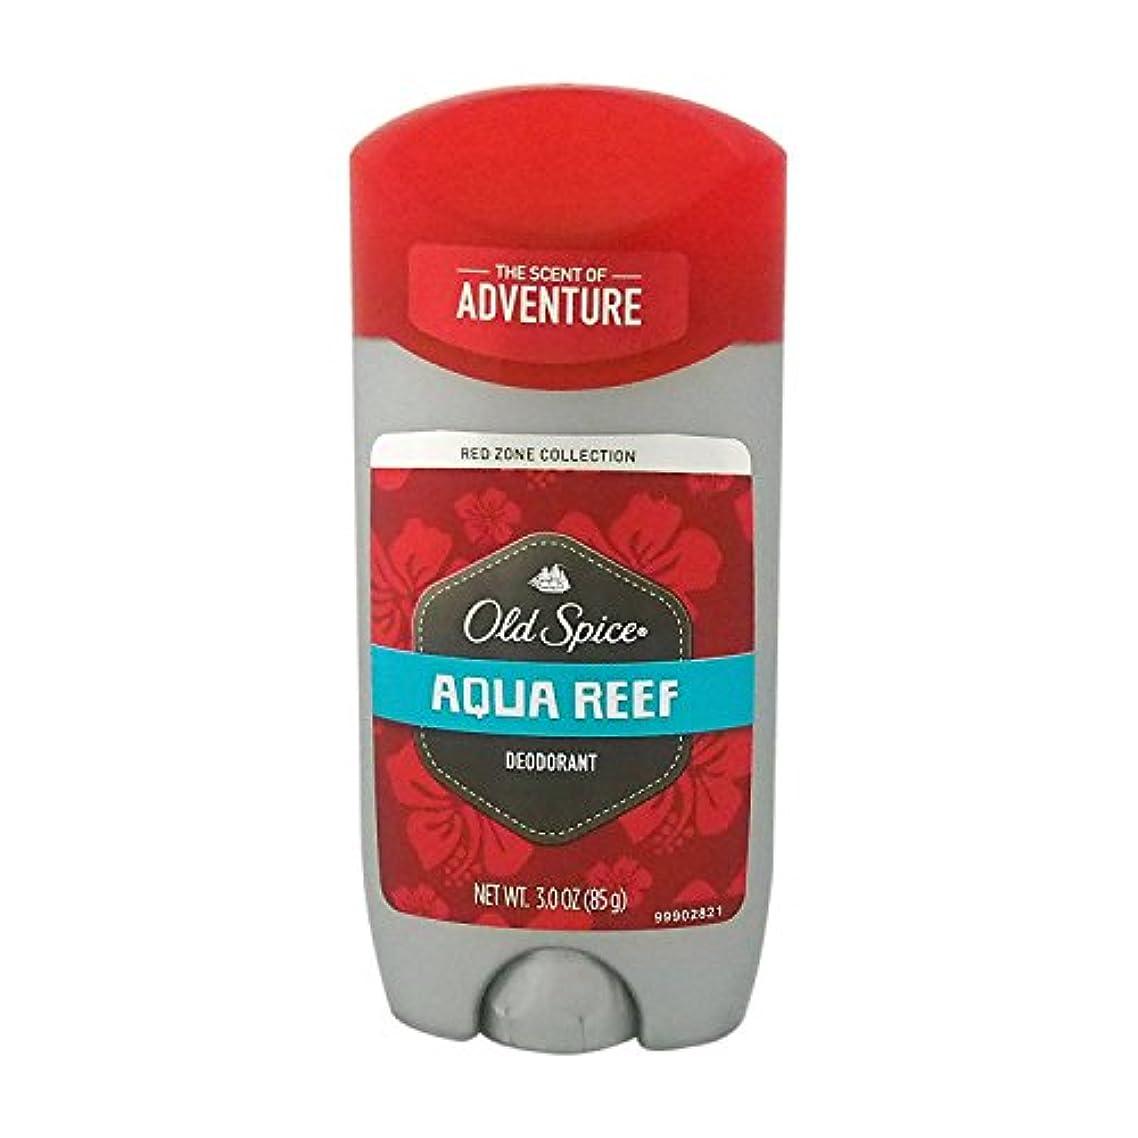 ウェイター呼吸する面積オールドスパイス(Old Spice) RED ZONE COLLECTION アクアリーフ デオドラント 85g[並行輸入品]